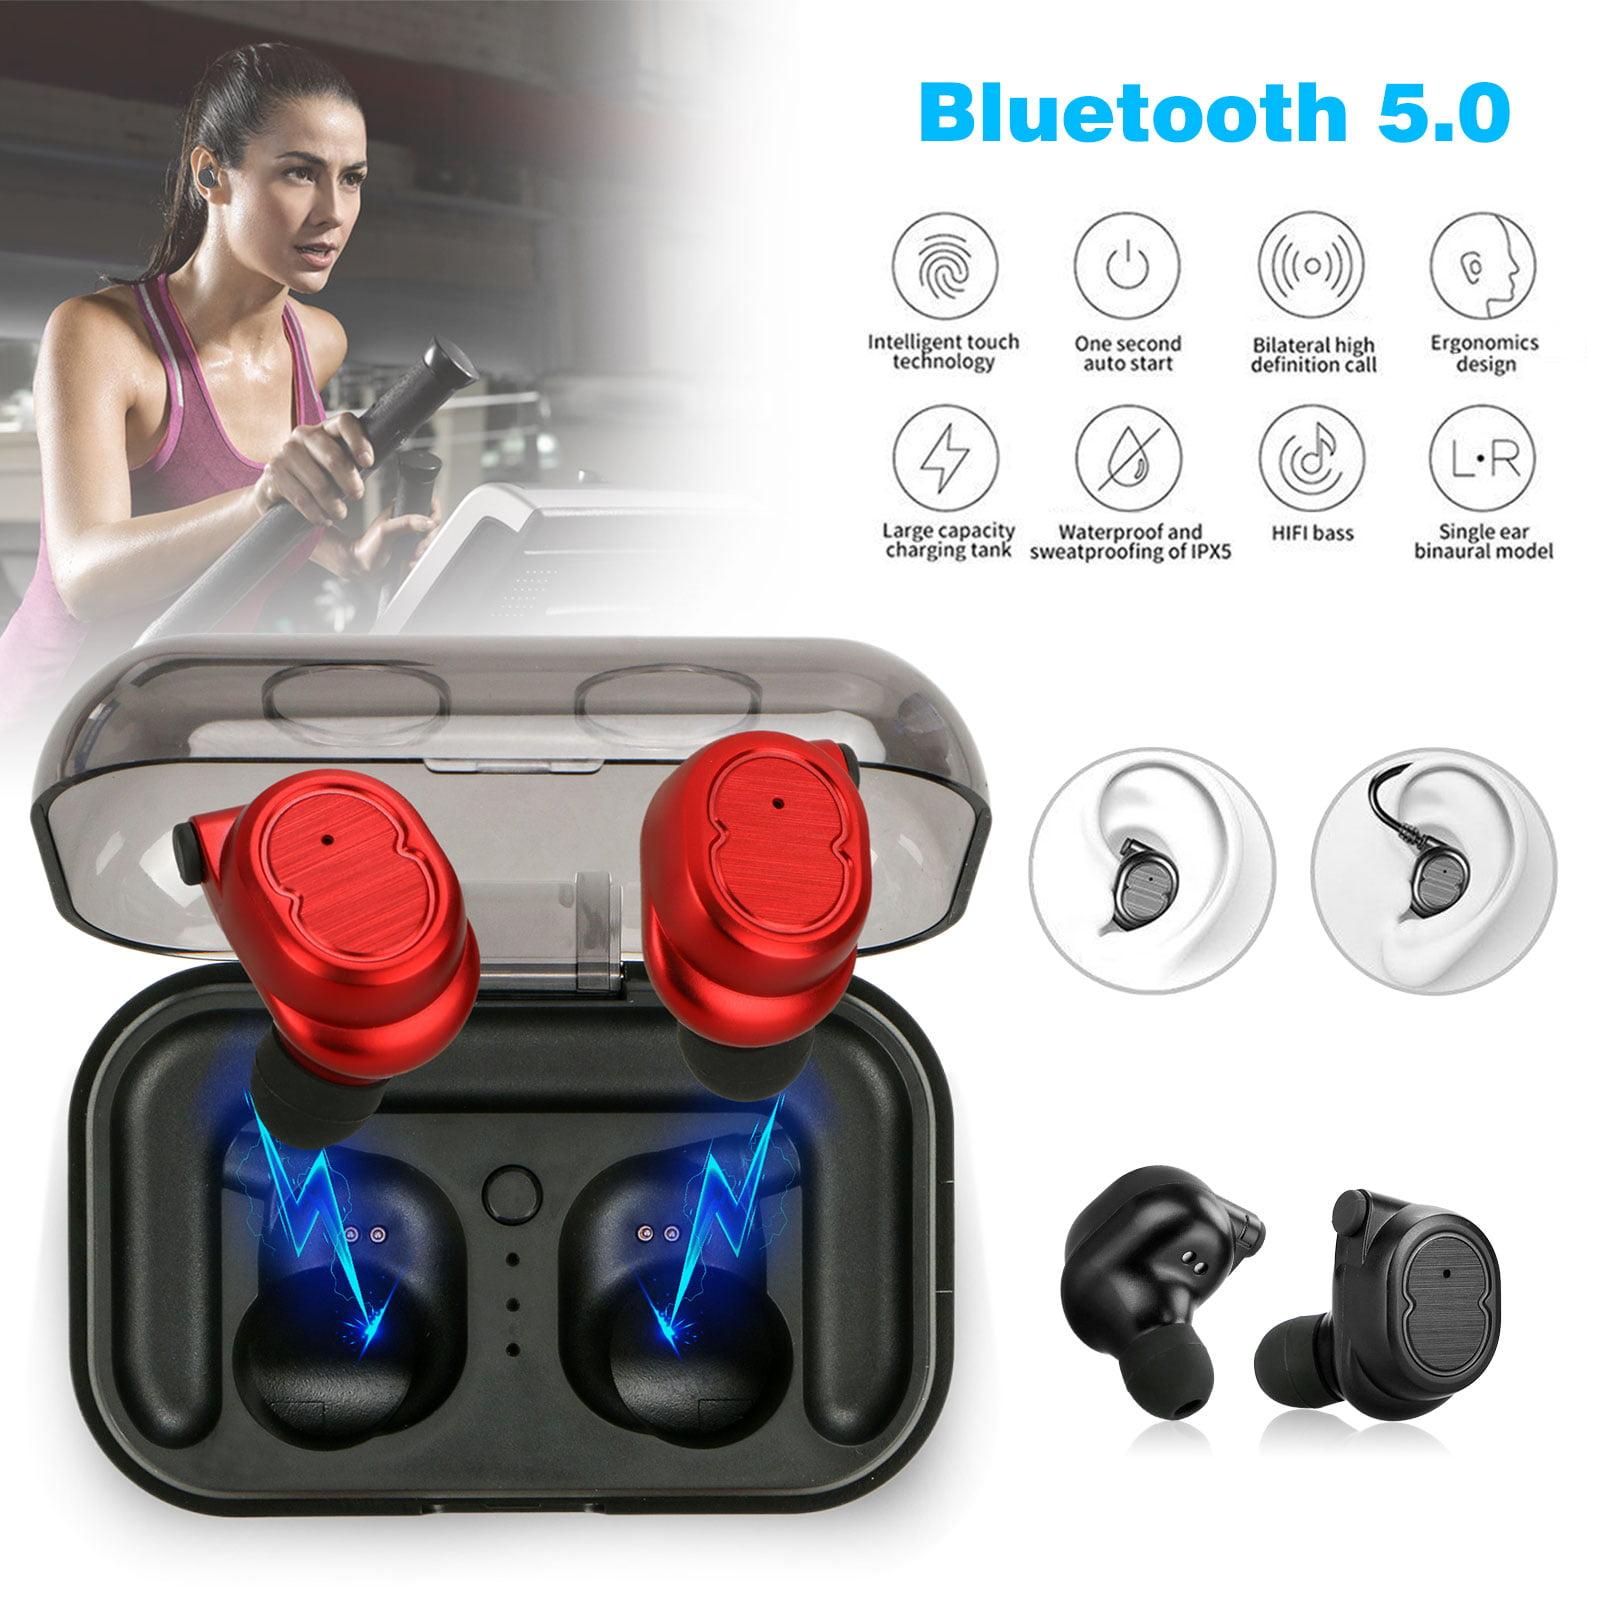 Wireless Earbuds, EEEKit Mini True Wireless Bluetooth 5.0 Earbud Sweatproof In-Ear HD Sound Headphone Touch Control Earphone Headset with Portable 500mAh Charging Case